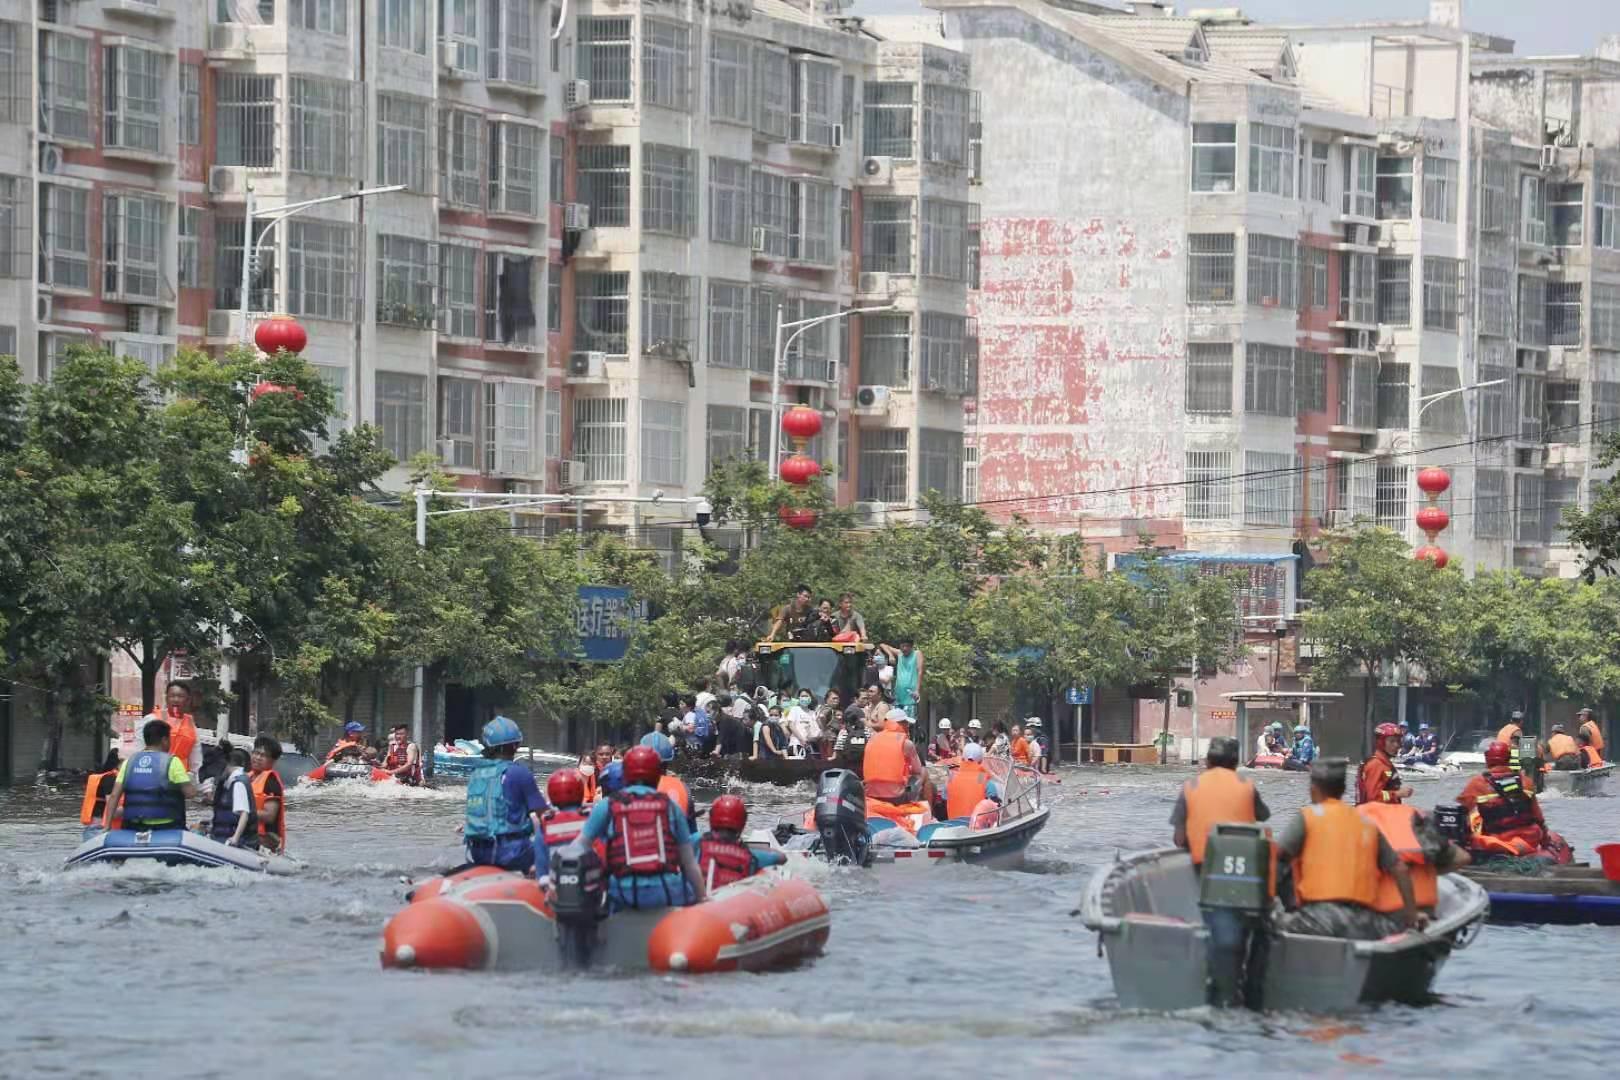 26日下午,医院门口的学院西路上,铲车、冲锋舟在转运人员。新京报记者 王飞 摄